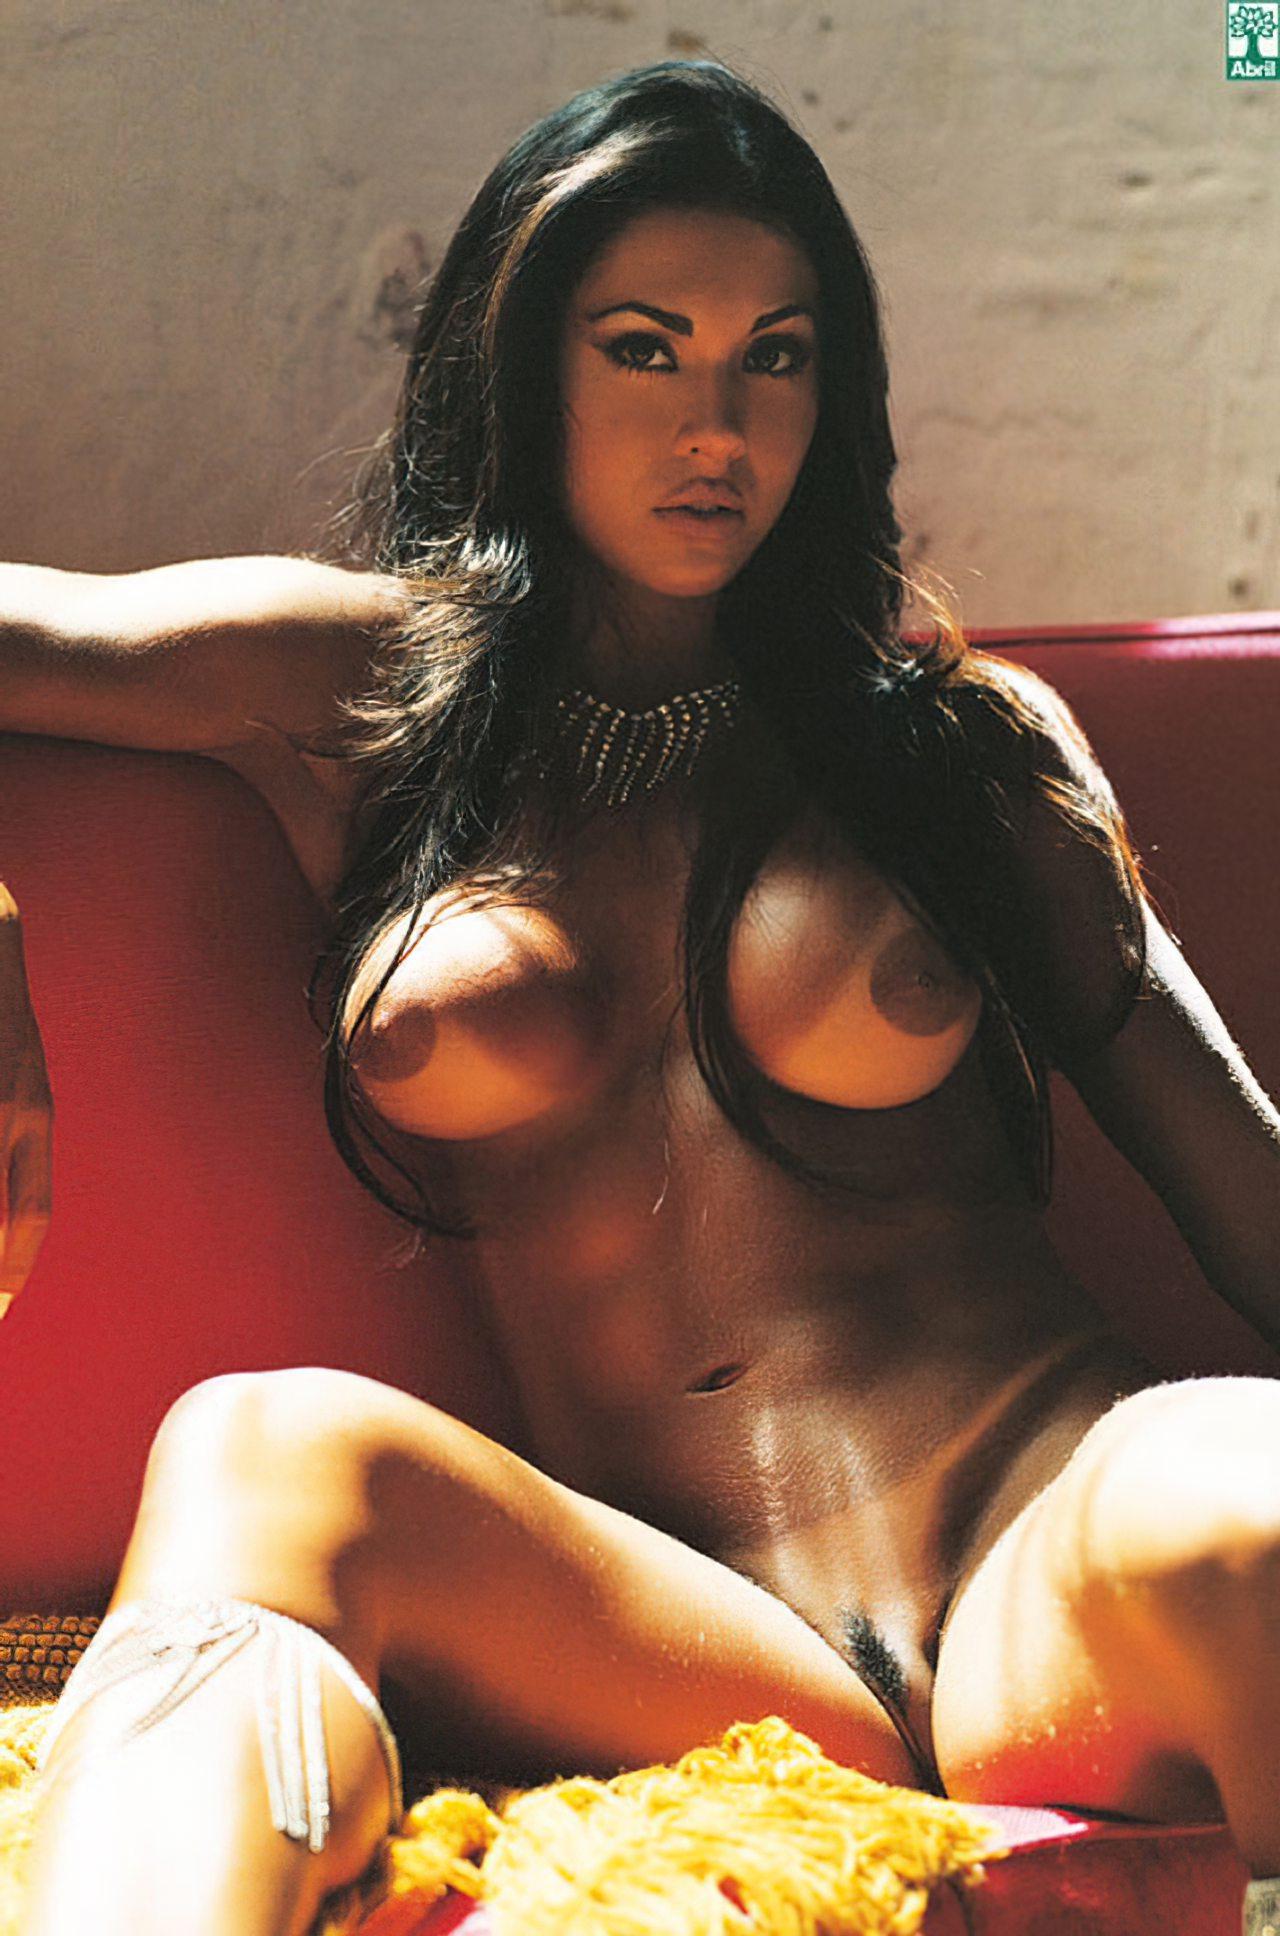 leonela porno pau